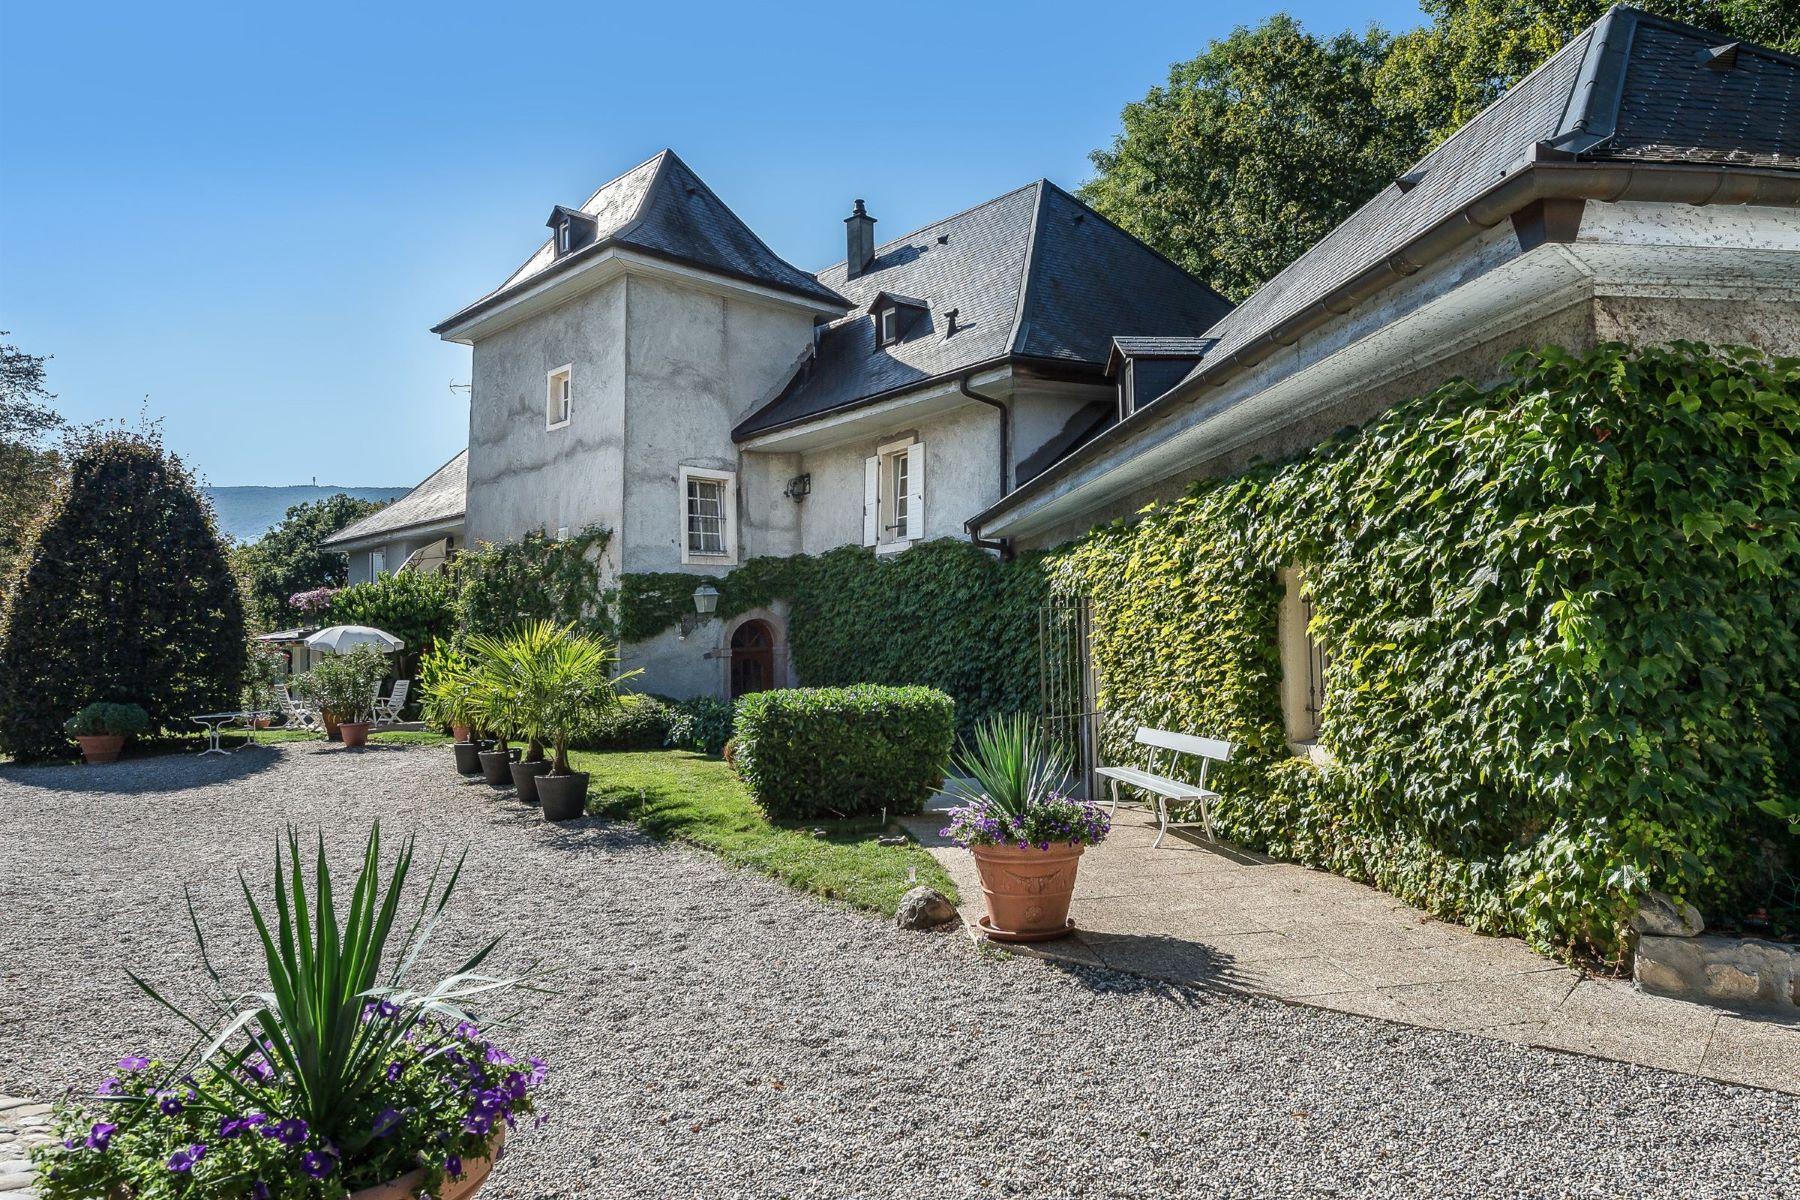 Property For Sale Vetraz Monthoux